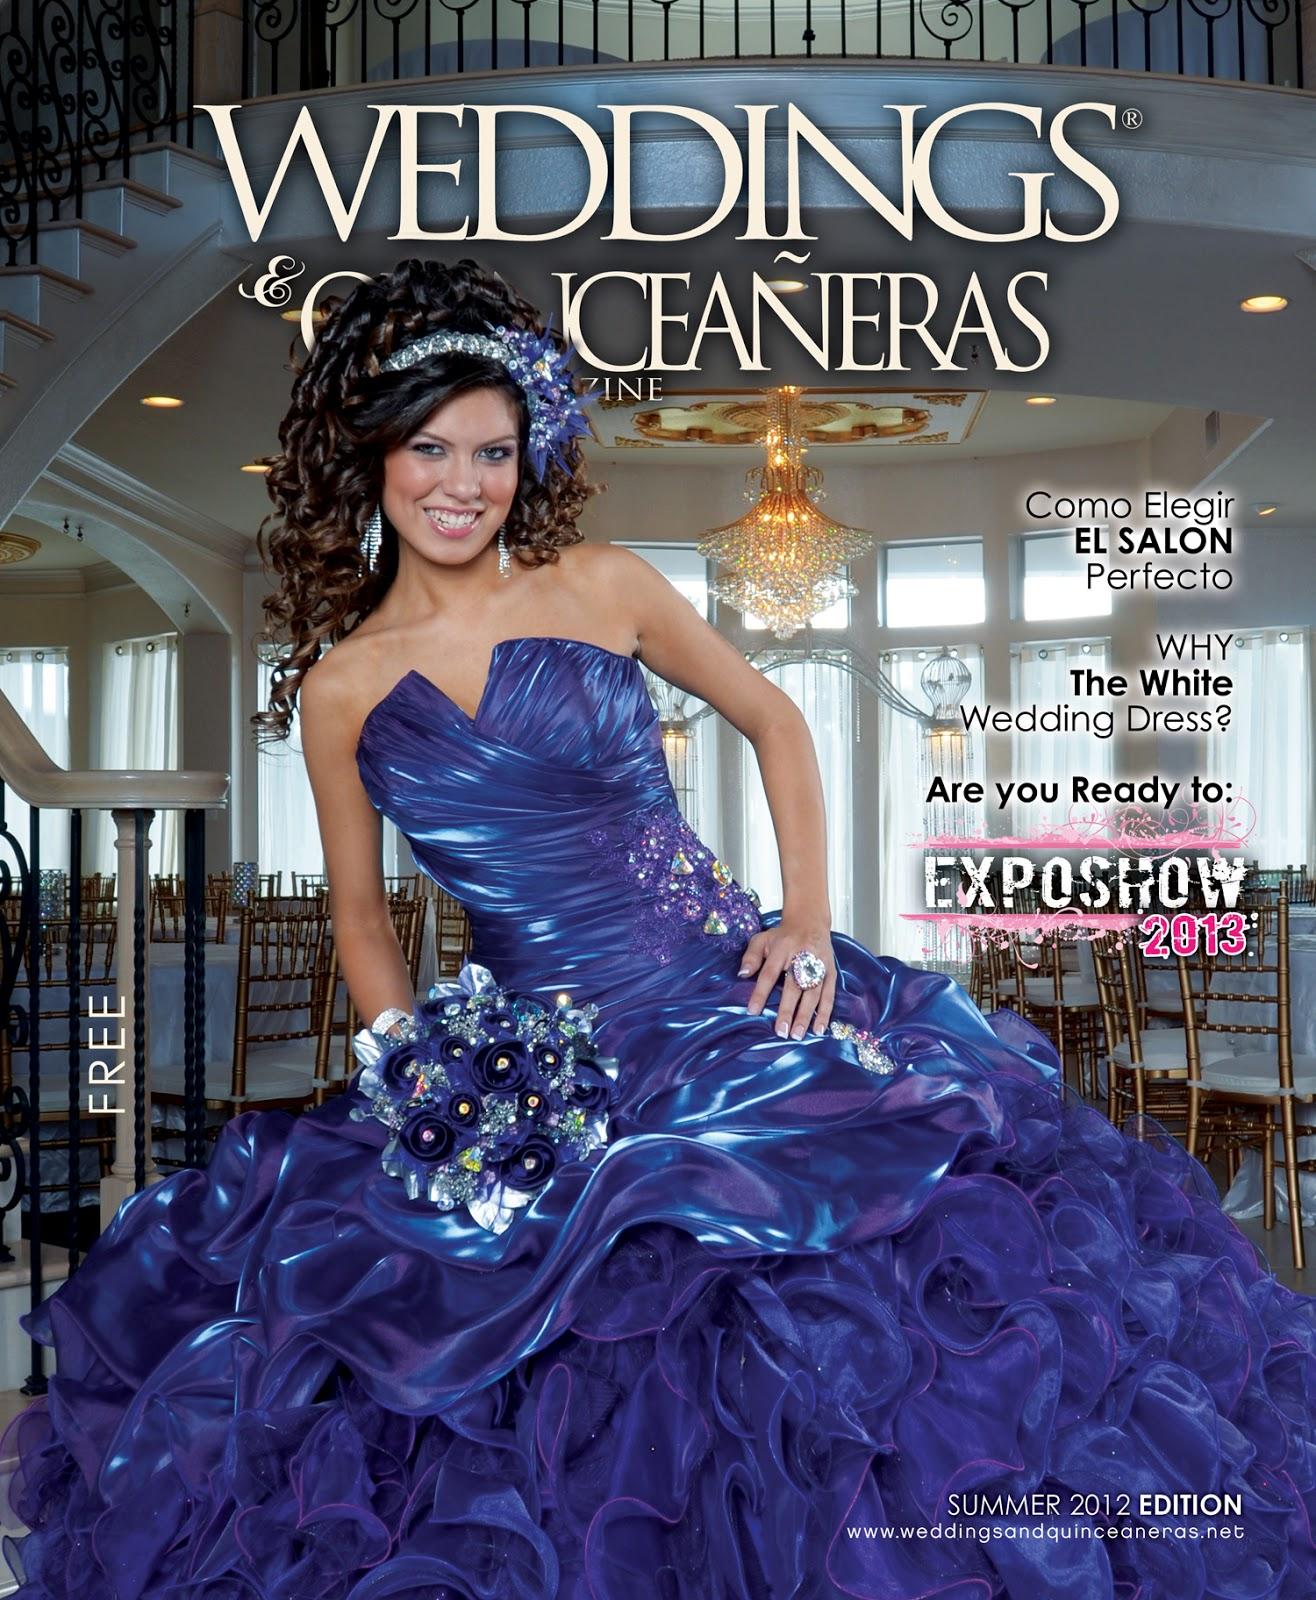 Quinceañera Planner: Weddings And Quinceañeras Magazine